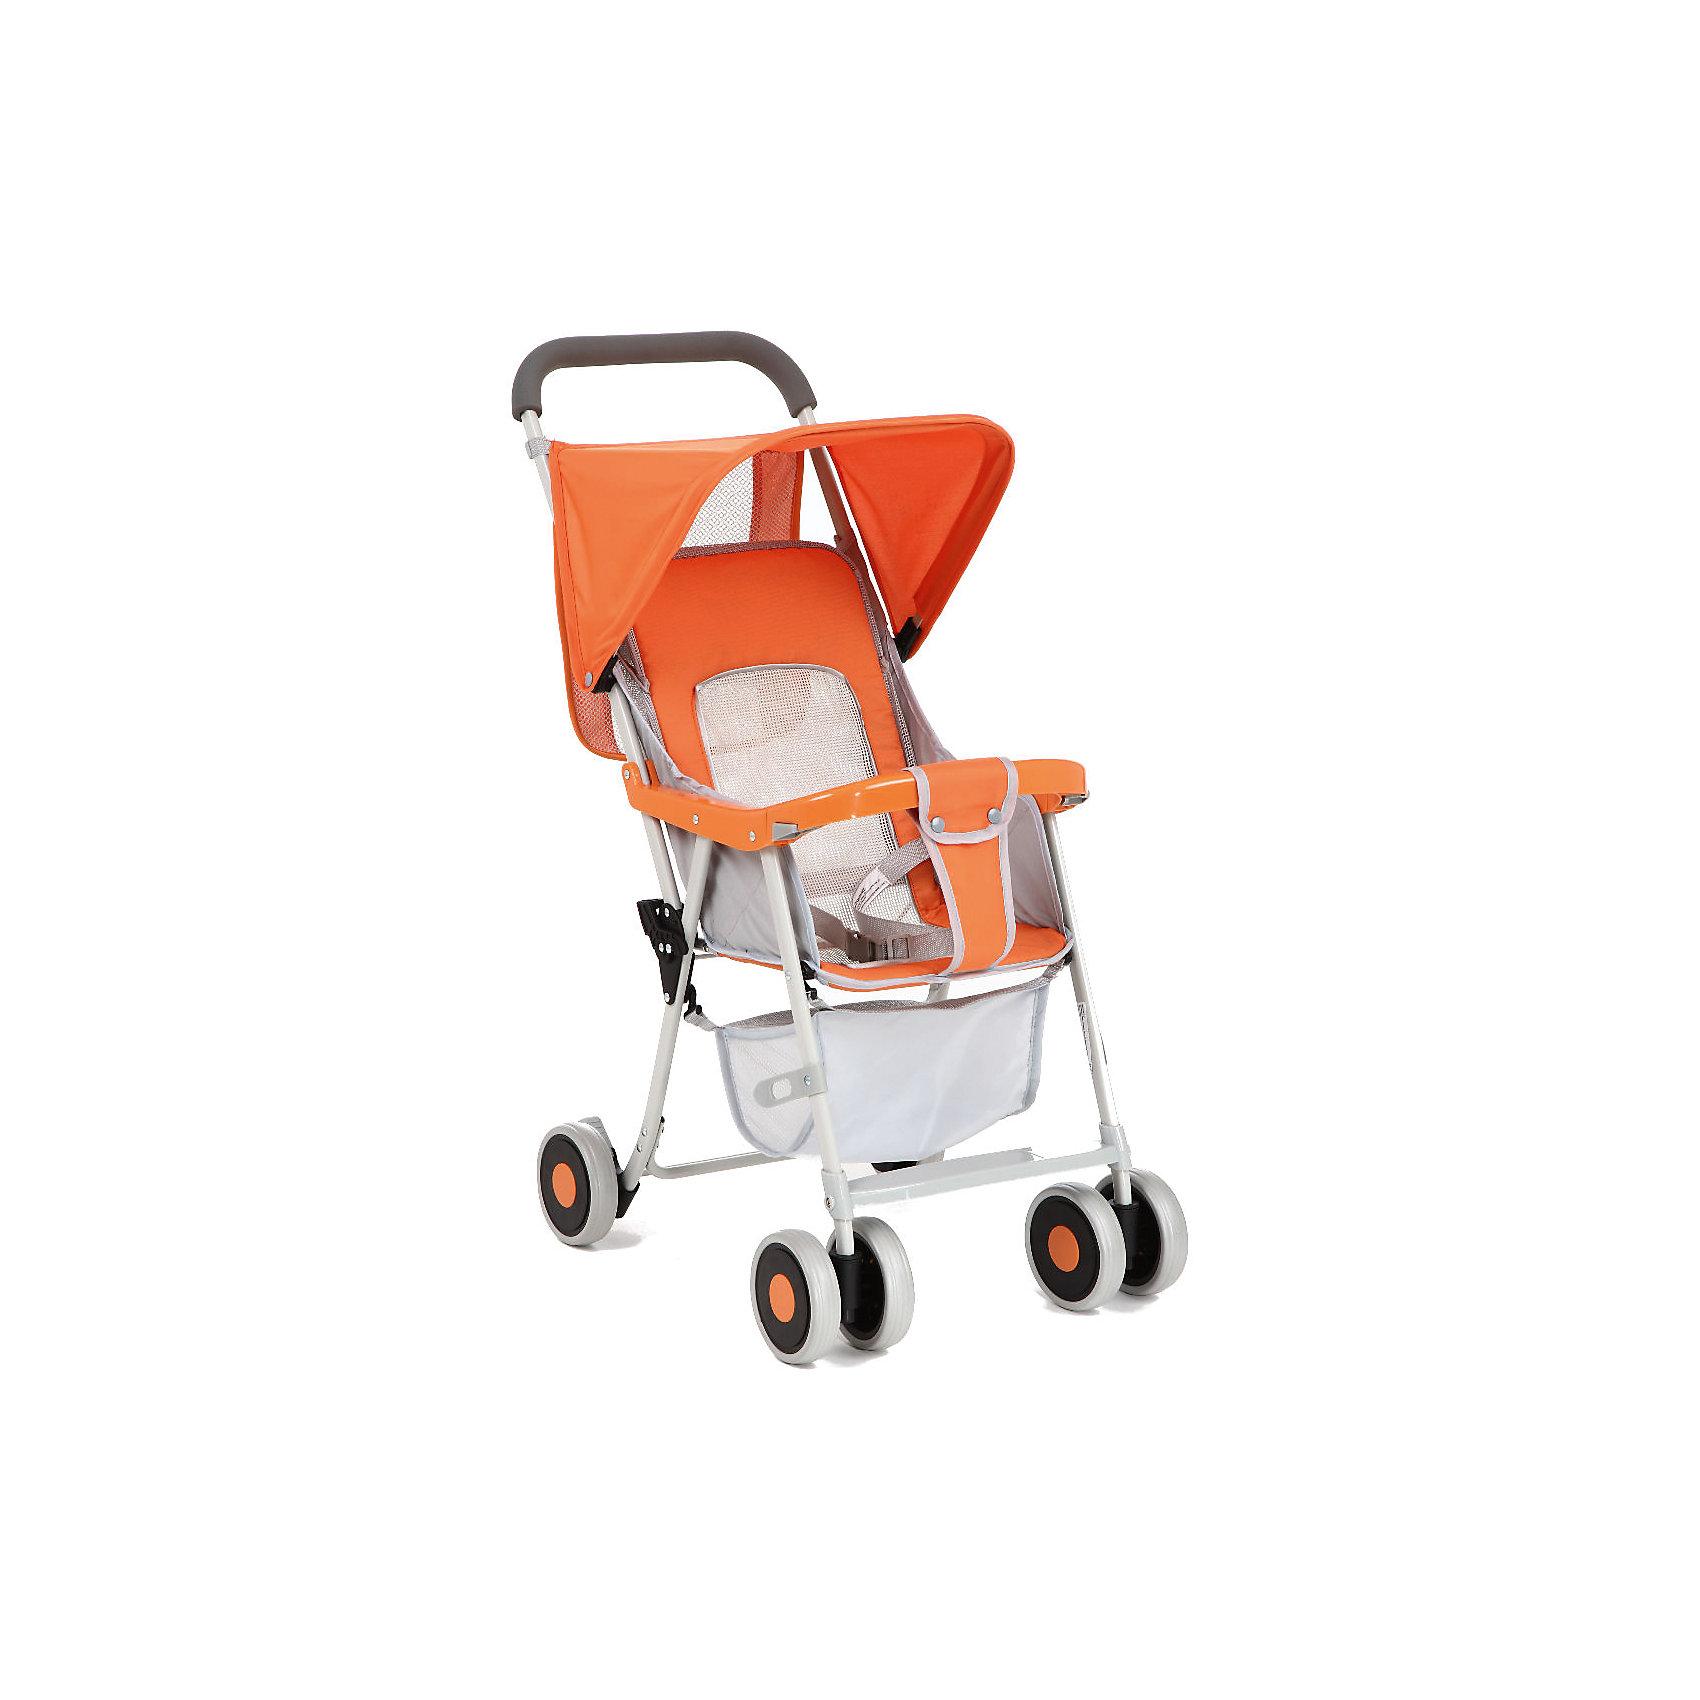 Прогулочная коляска S-2, Corol, оранжевыйПрогулочная коляска S-2, Corol, оранжевый – это удобная и комфортная коляска для вашего малыша.<br>Эта прогулочная коляска придется по вкусу, как родителям, так и маленькому путешественнику. Вашему ребенку в этой коляске будет удобно и комфортно. Для безопасности малыша предусмотрены трехточечные ремни безопасности и съемный защитный бампер. Спинка коляски регулируется в 2 положениях, что позволяет малышу с комфортом совершать прогулки на свежем воздухе. Несмотря на небольшой диаметр колес, коляска маневренна и обладает неплохой проходимостью. Передние колеса поворотные, задние колеса фиксированные.<br><br>Дополнительная информация:<br><br>- Комплектация: солнцезащитный козырек, съемный бампер, корзина для покупок<br>- Цвет: оранжевый<br>- Тип сложения: книжка<br>- Сезон: демисезонная<br>- Вес коляски: 3,8 кг.<br>- Количество положений спинки: 2<br>- Количество колес: шестиколесные<br>- Тип передних колес: два двойных<br>- Тип задних колес: два одинарных<br>- Материал колес: пластик<br>- Имеется корзина для покупок<br><br>Прогулочную коляску S-2, Corol, оранжевую можно купить в нашем интернет-магазине.<br><br>Ширина мм: 830<br>Глубина мм: 380<br>Высота мм: 150<br>Вес г: 3800<br>Возраст от месяцев: 6<br>Возраст до месяцев: 36<br>Пол: Унисекс<br>Возраст: Детский<br>SKU: 4005608